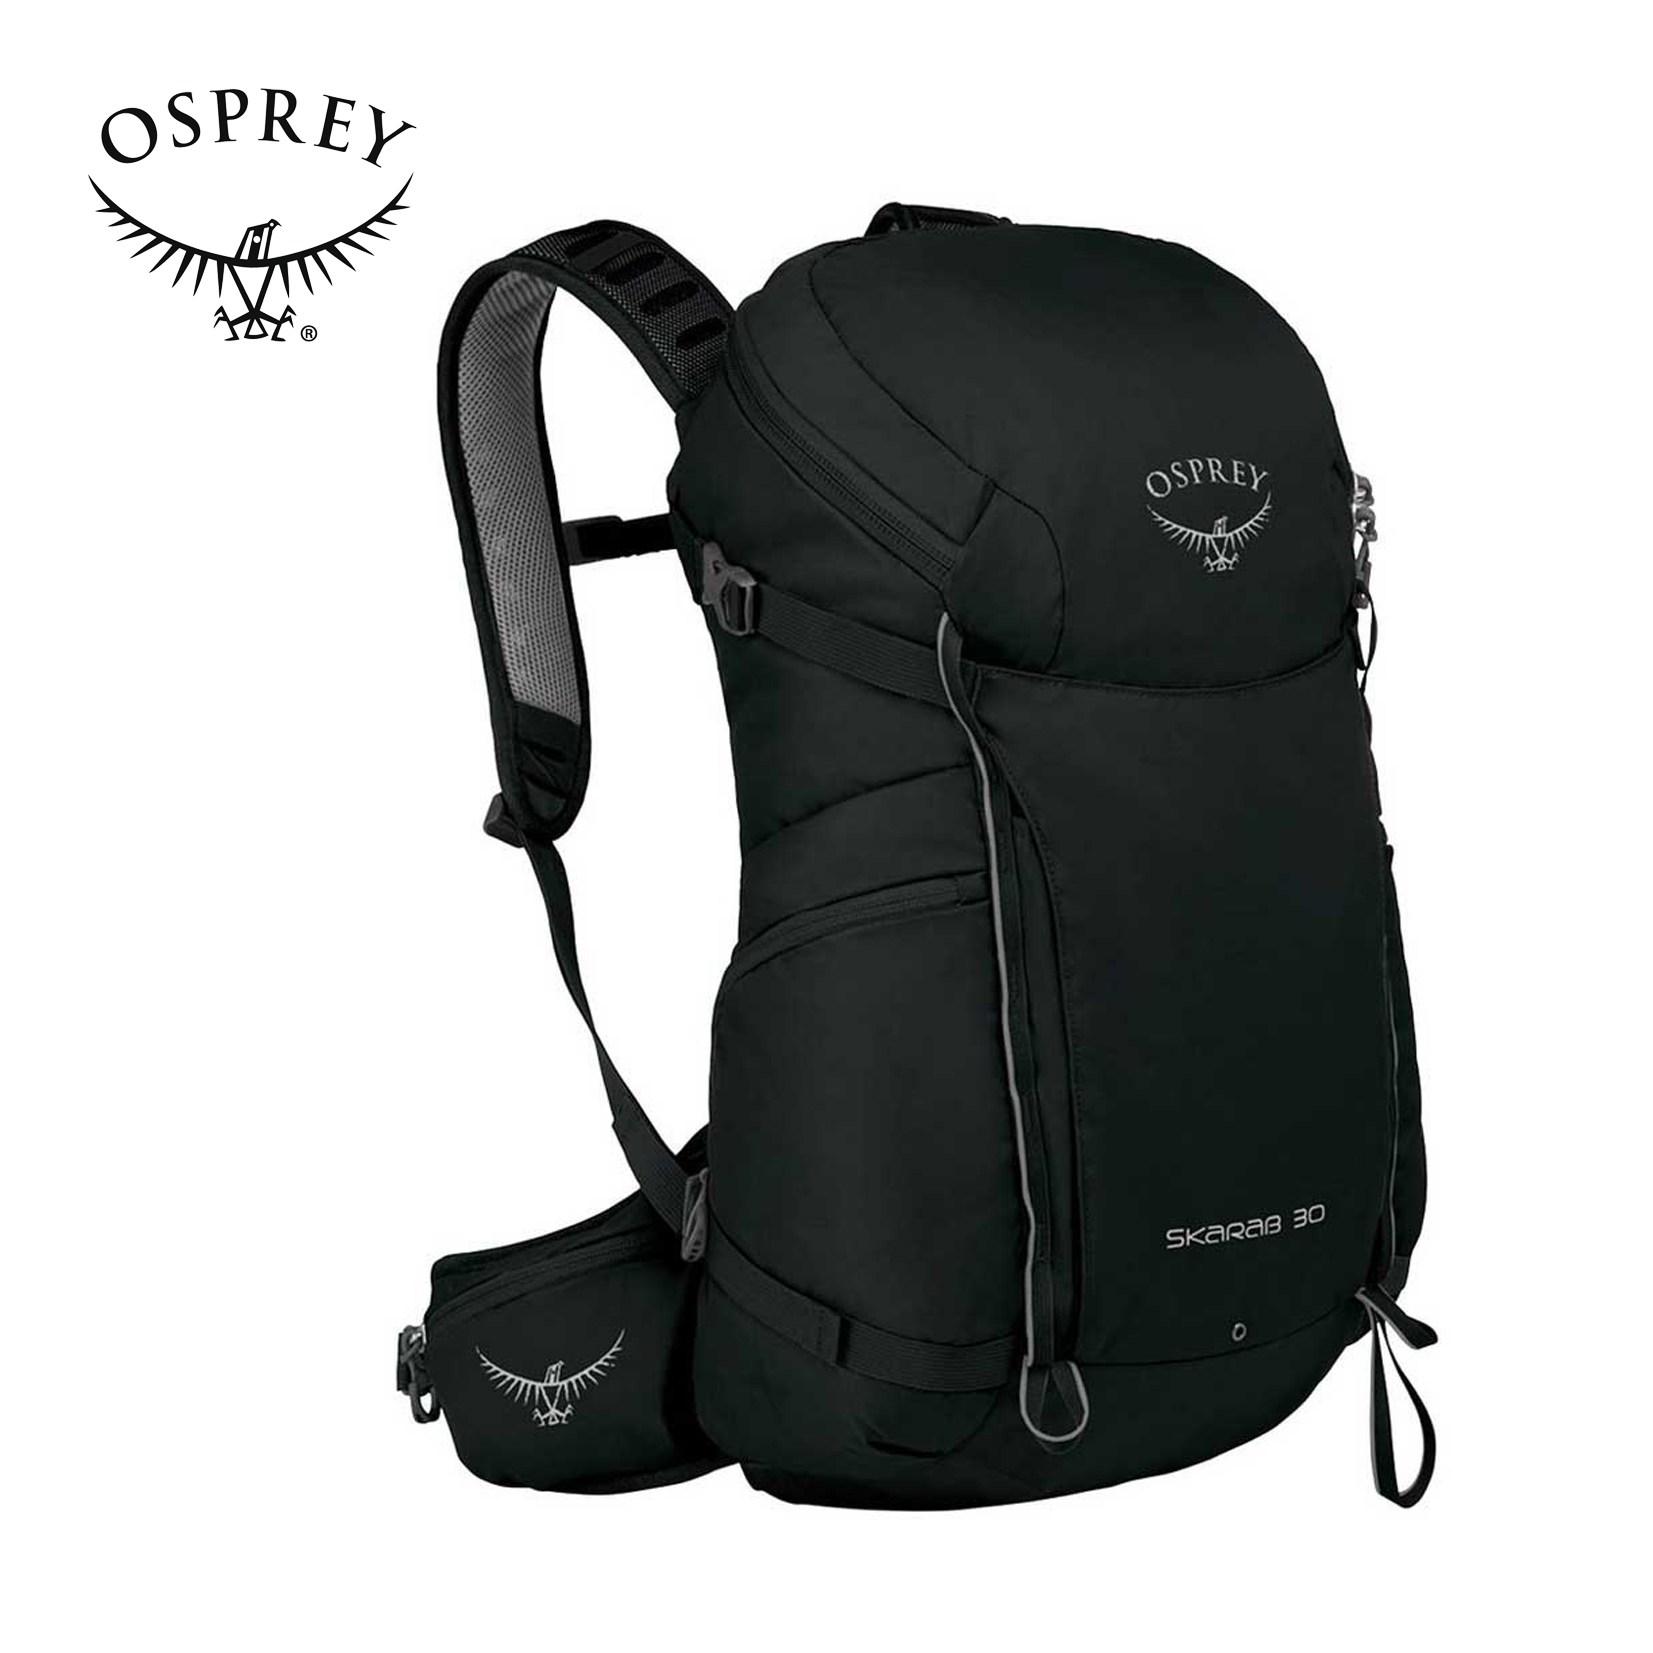 오스프리 스카랩 남성용 등산가방 30L, 블랙